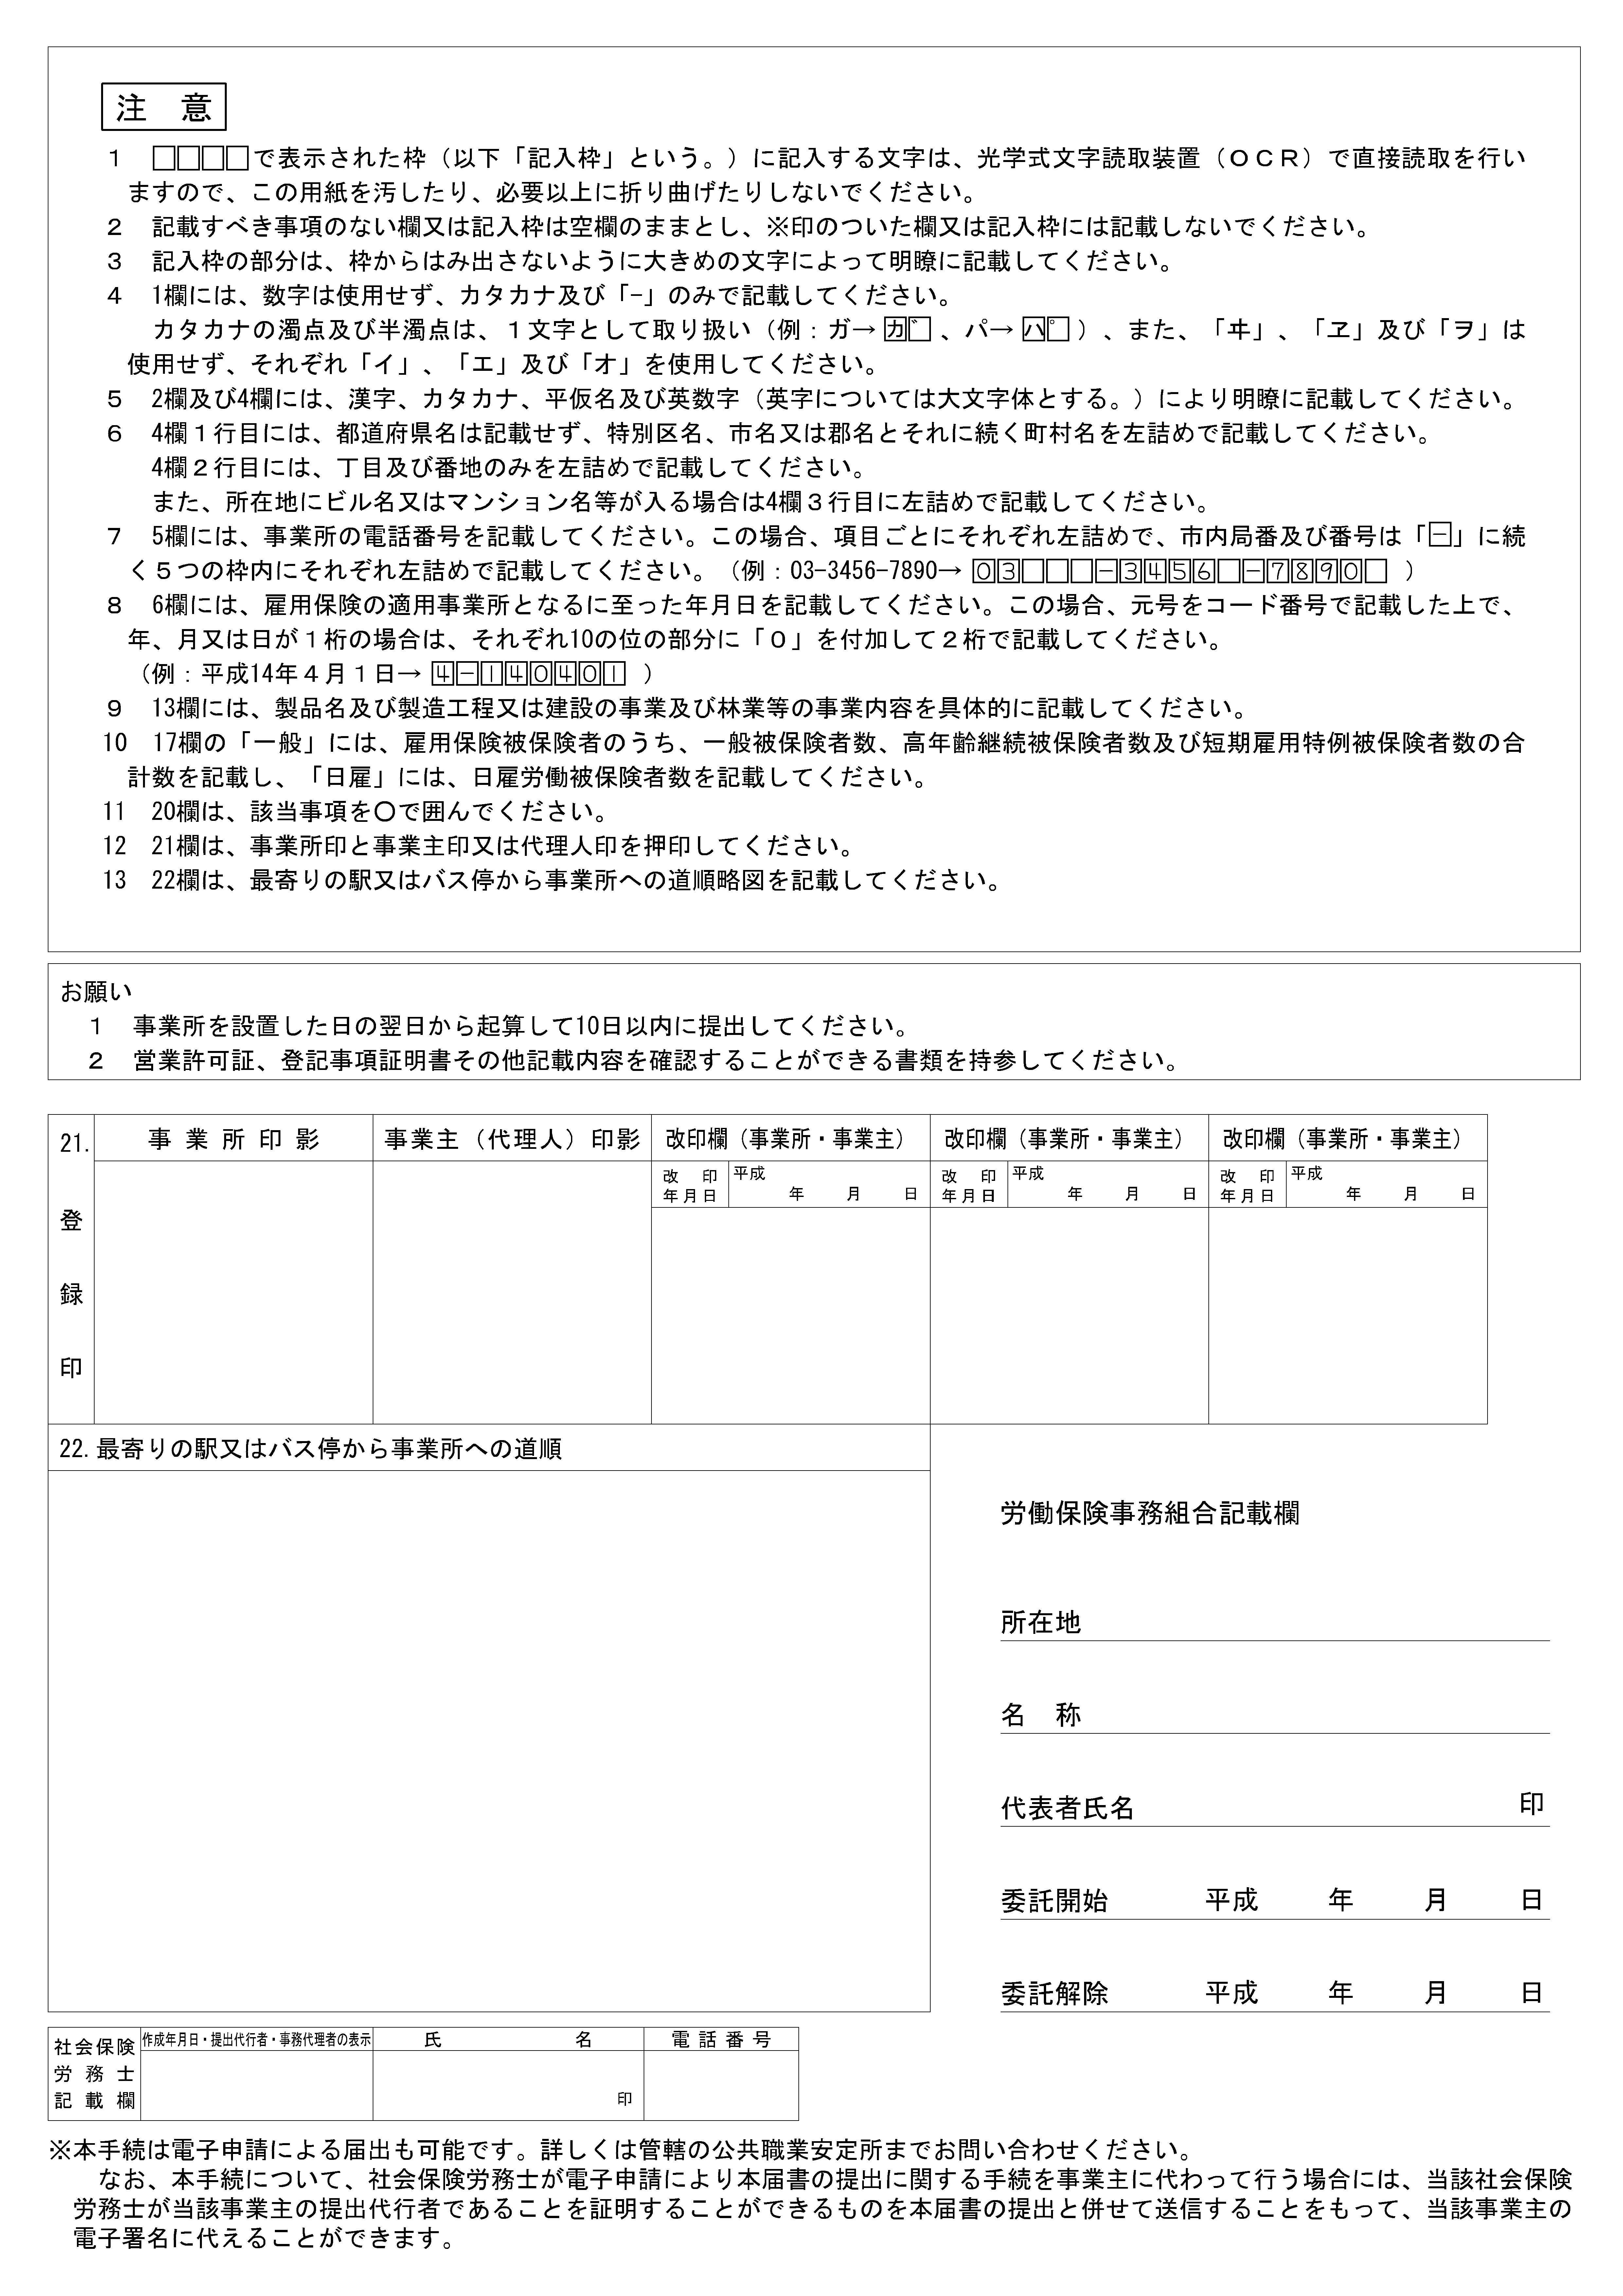 雇用保険適用事業所設置届-2.jpg